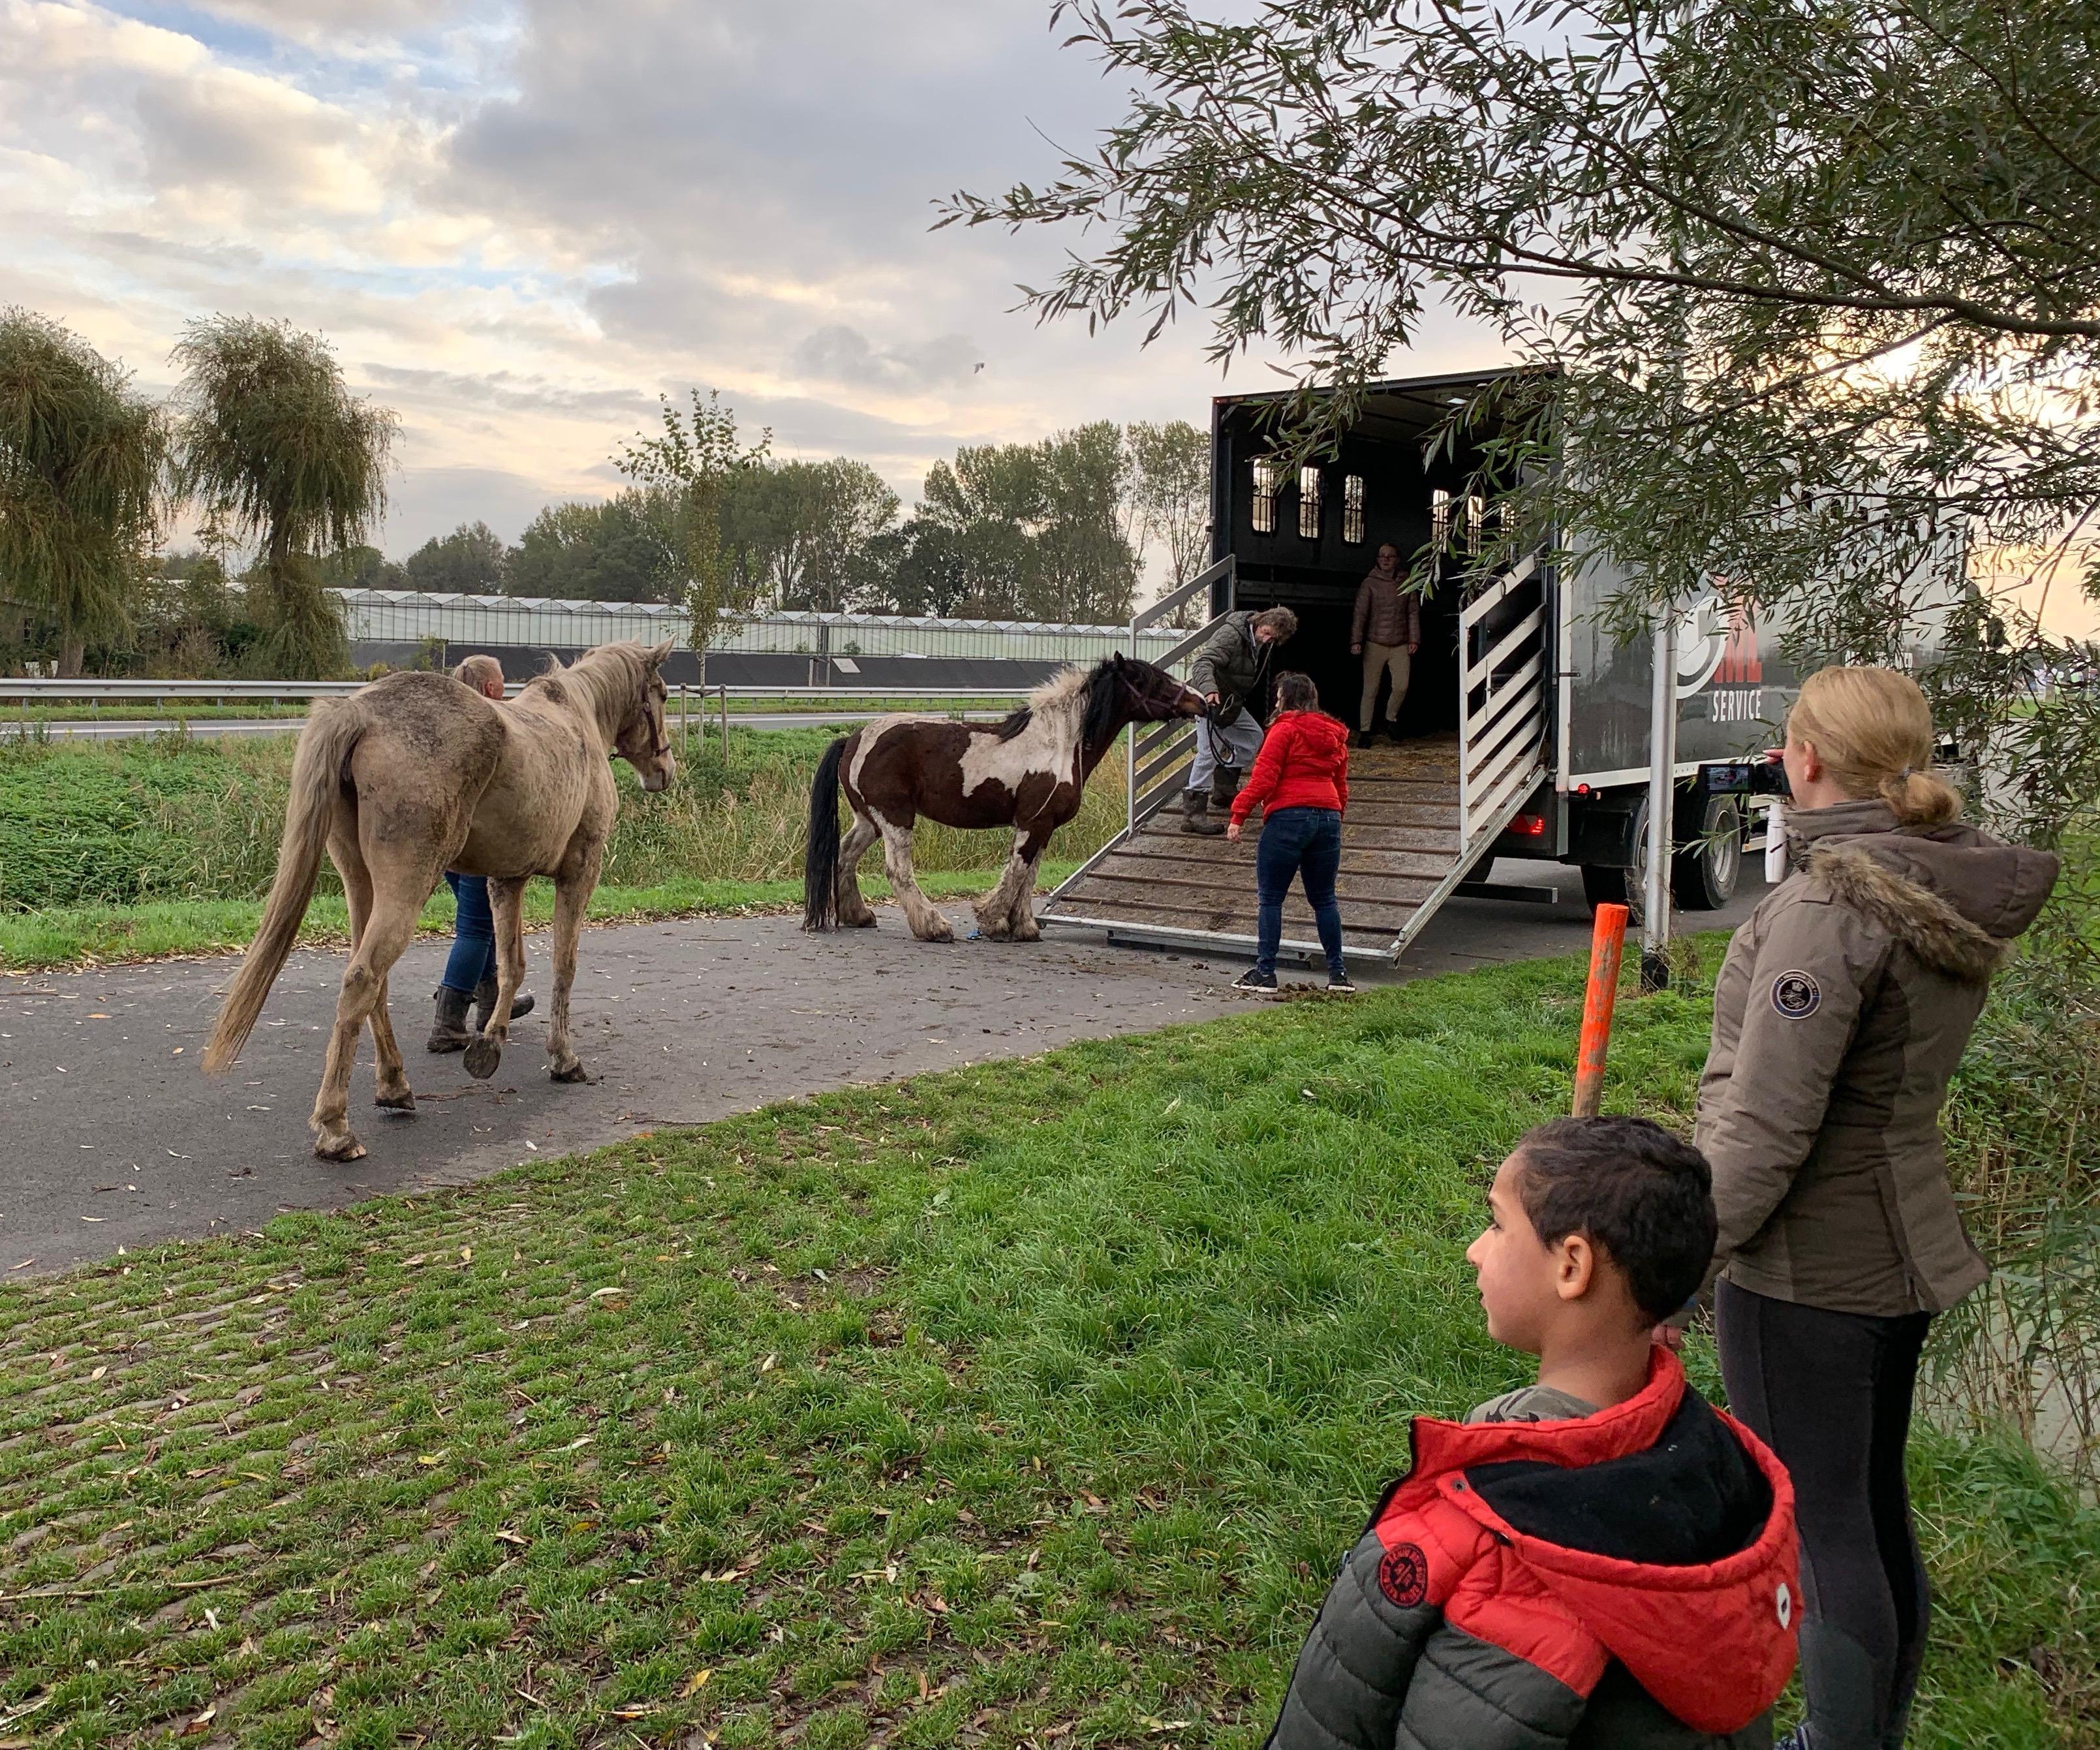 Zelfs met de weerspannige IJslander Max loopt het allemaal goed af: stichting Paardenhoefjes brengt zestien dieren naar een droge stal [video]